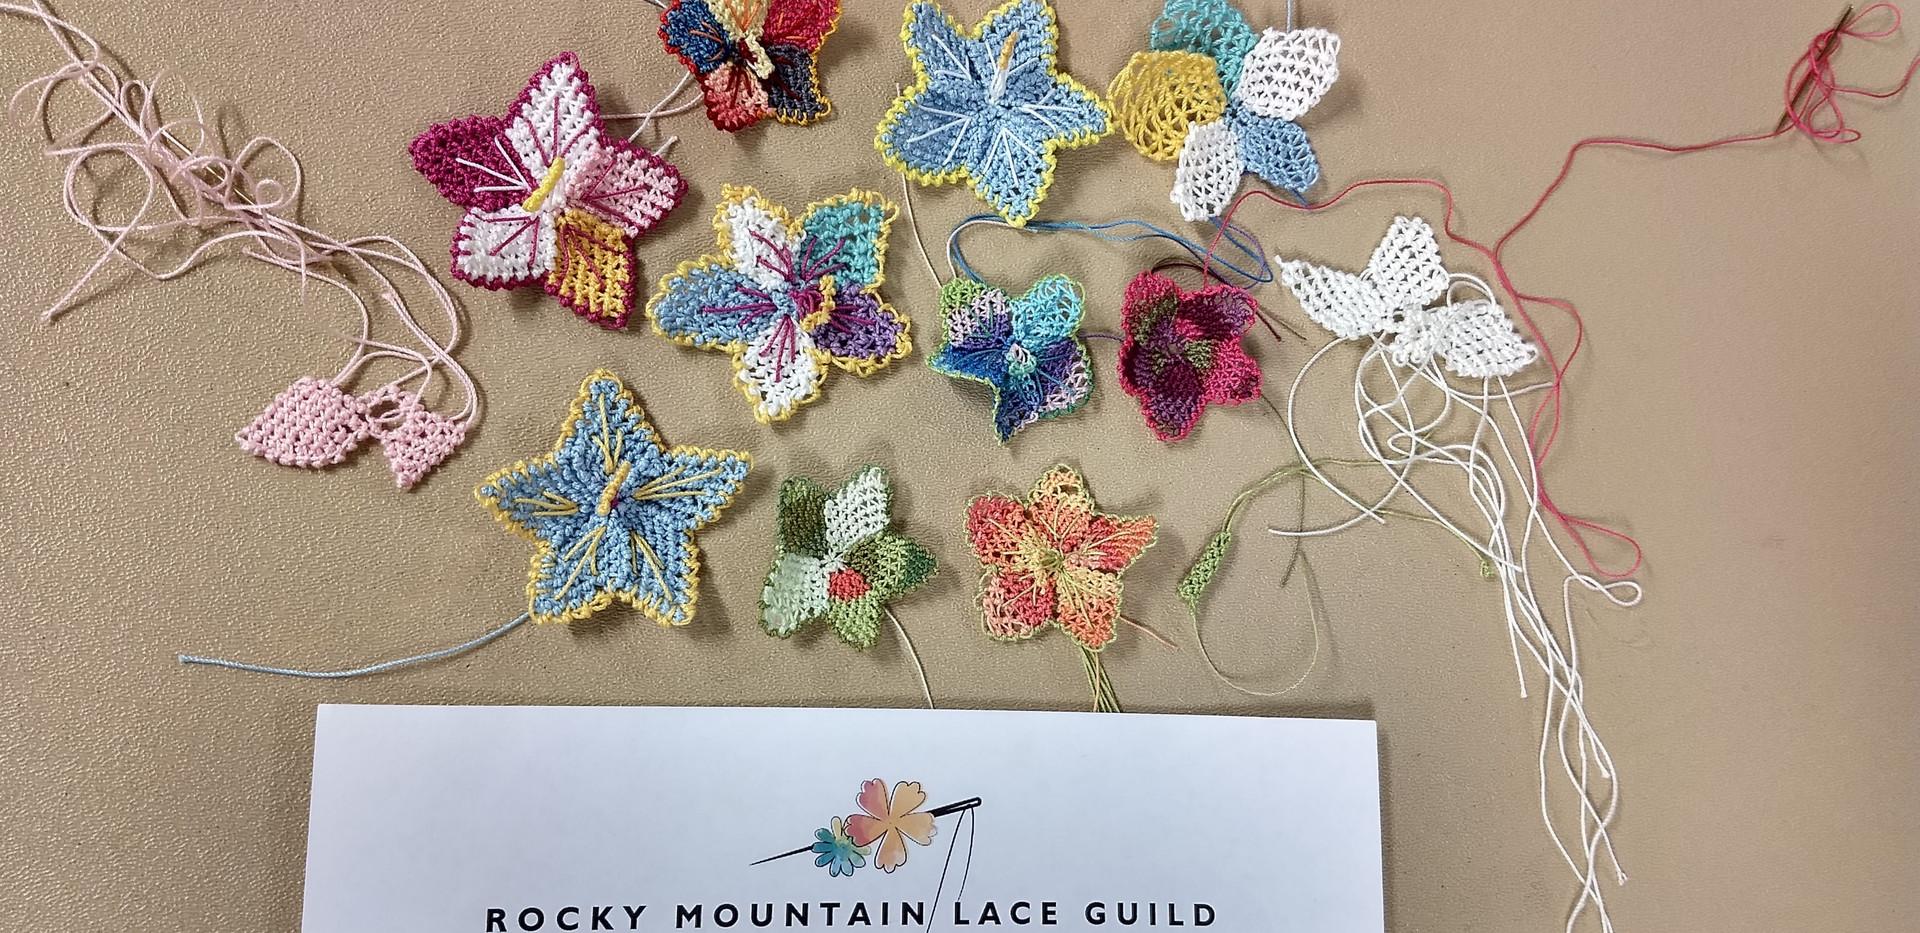 students_rocky_mountain_lace_guild_oya_l